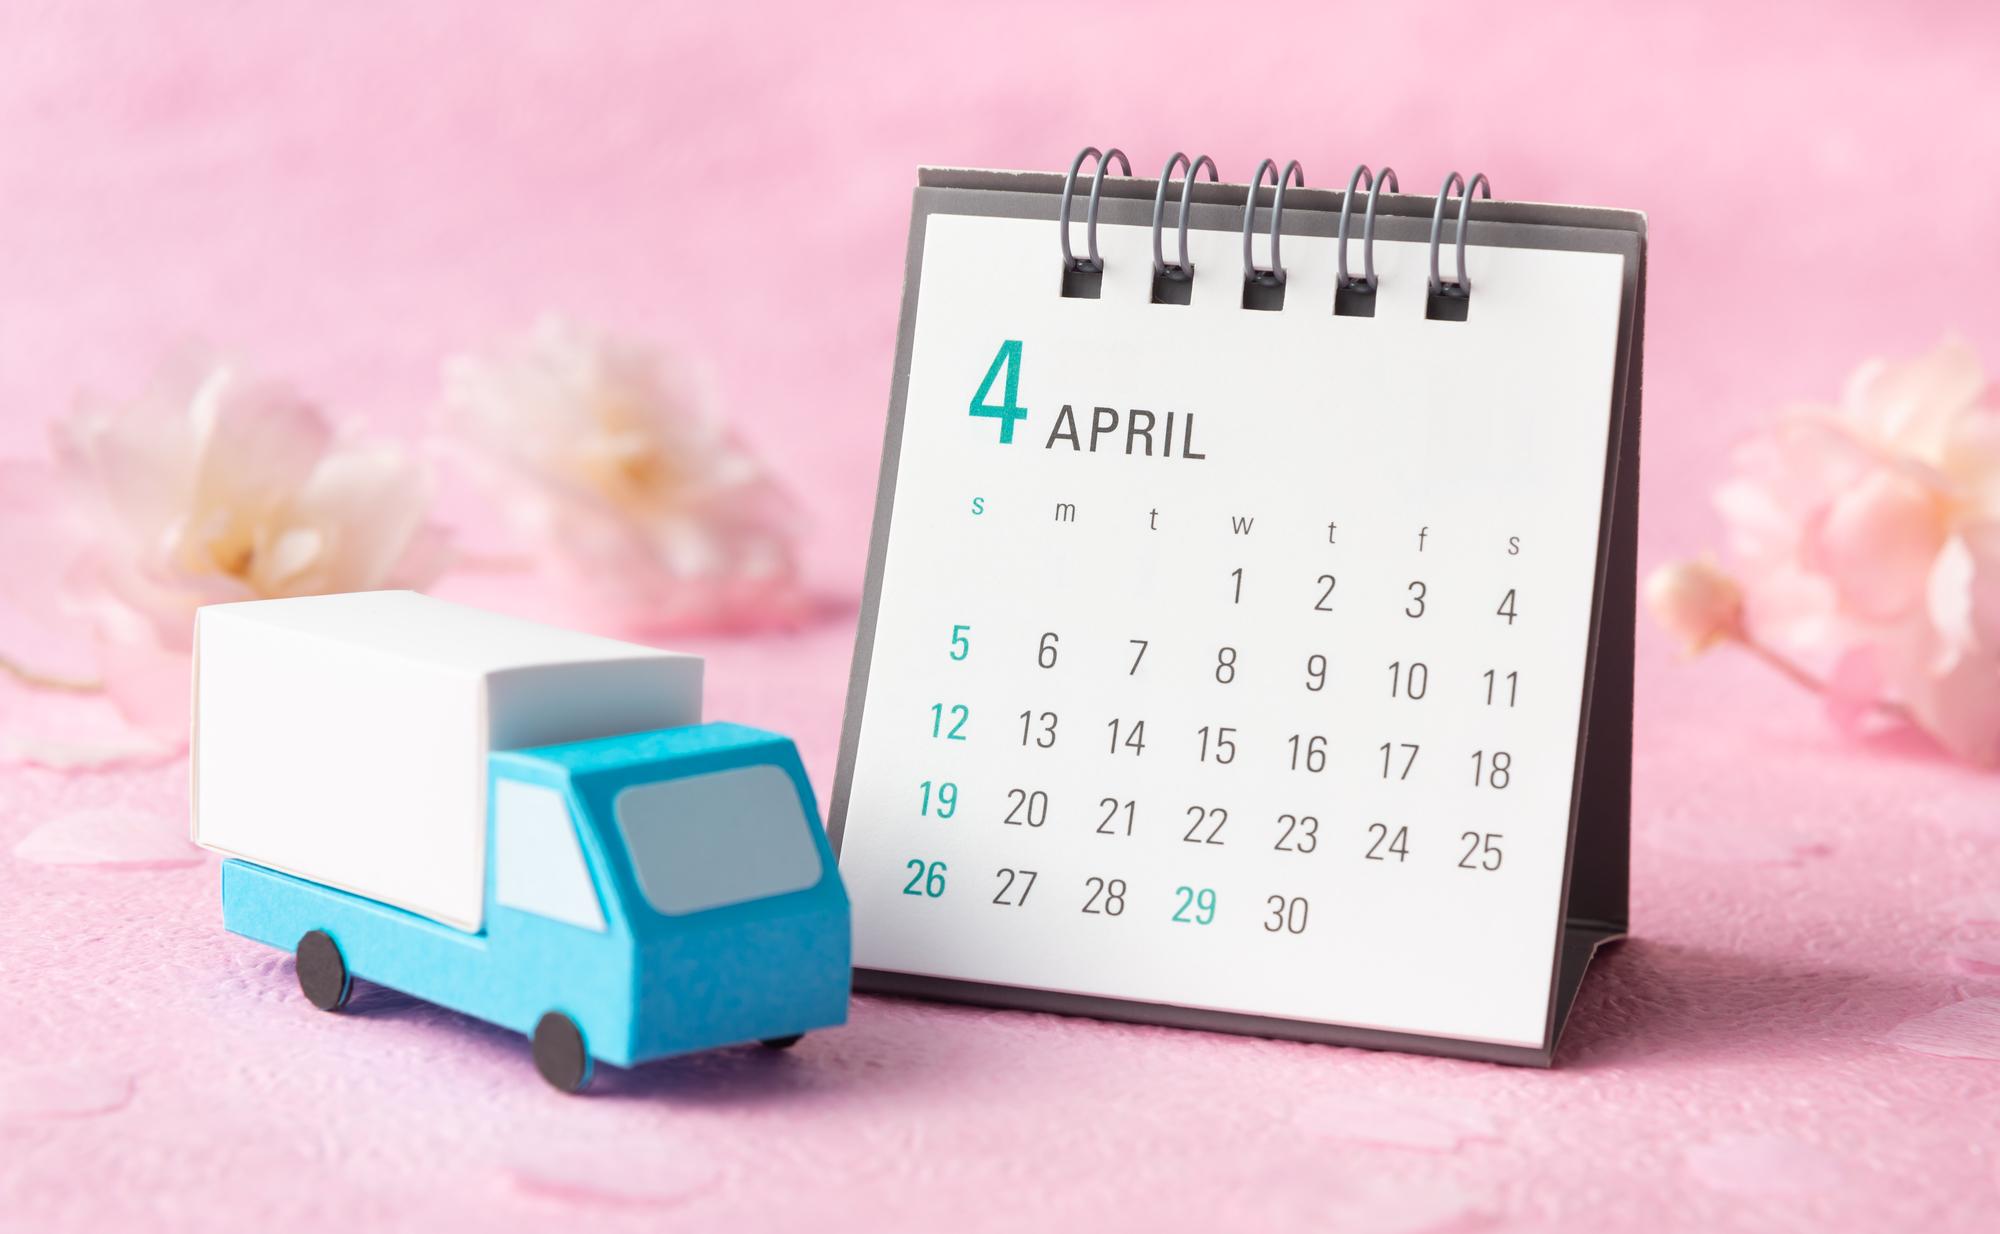 4月カレンダーのイメージ